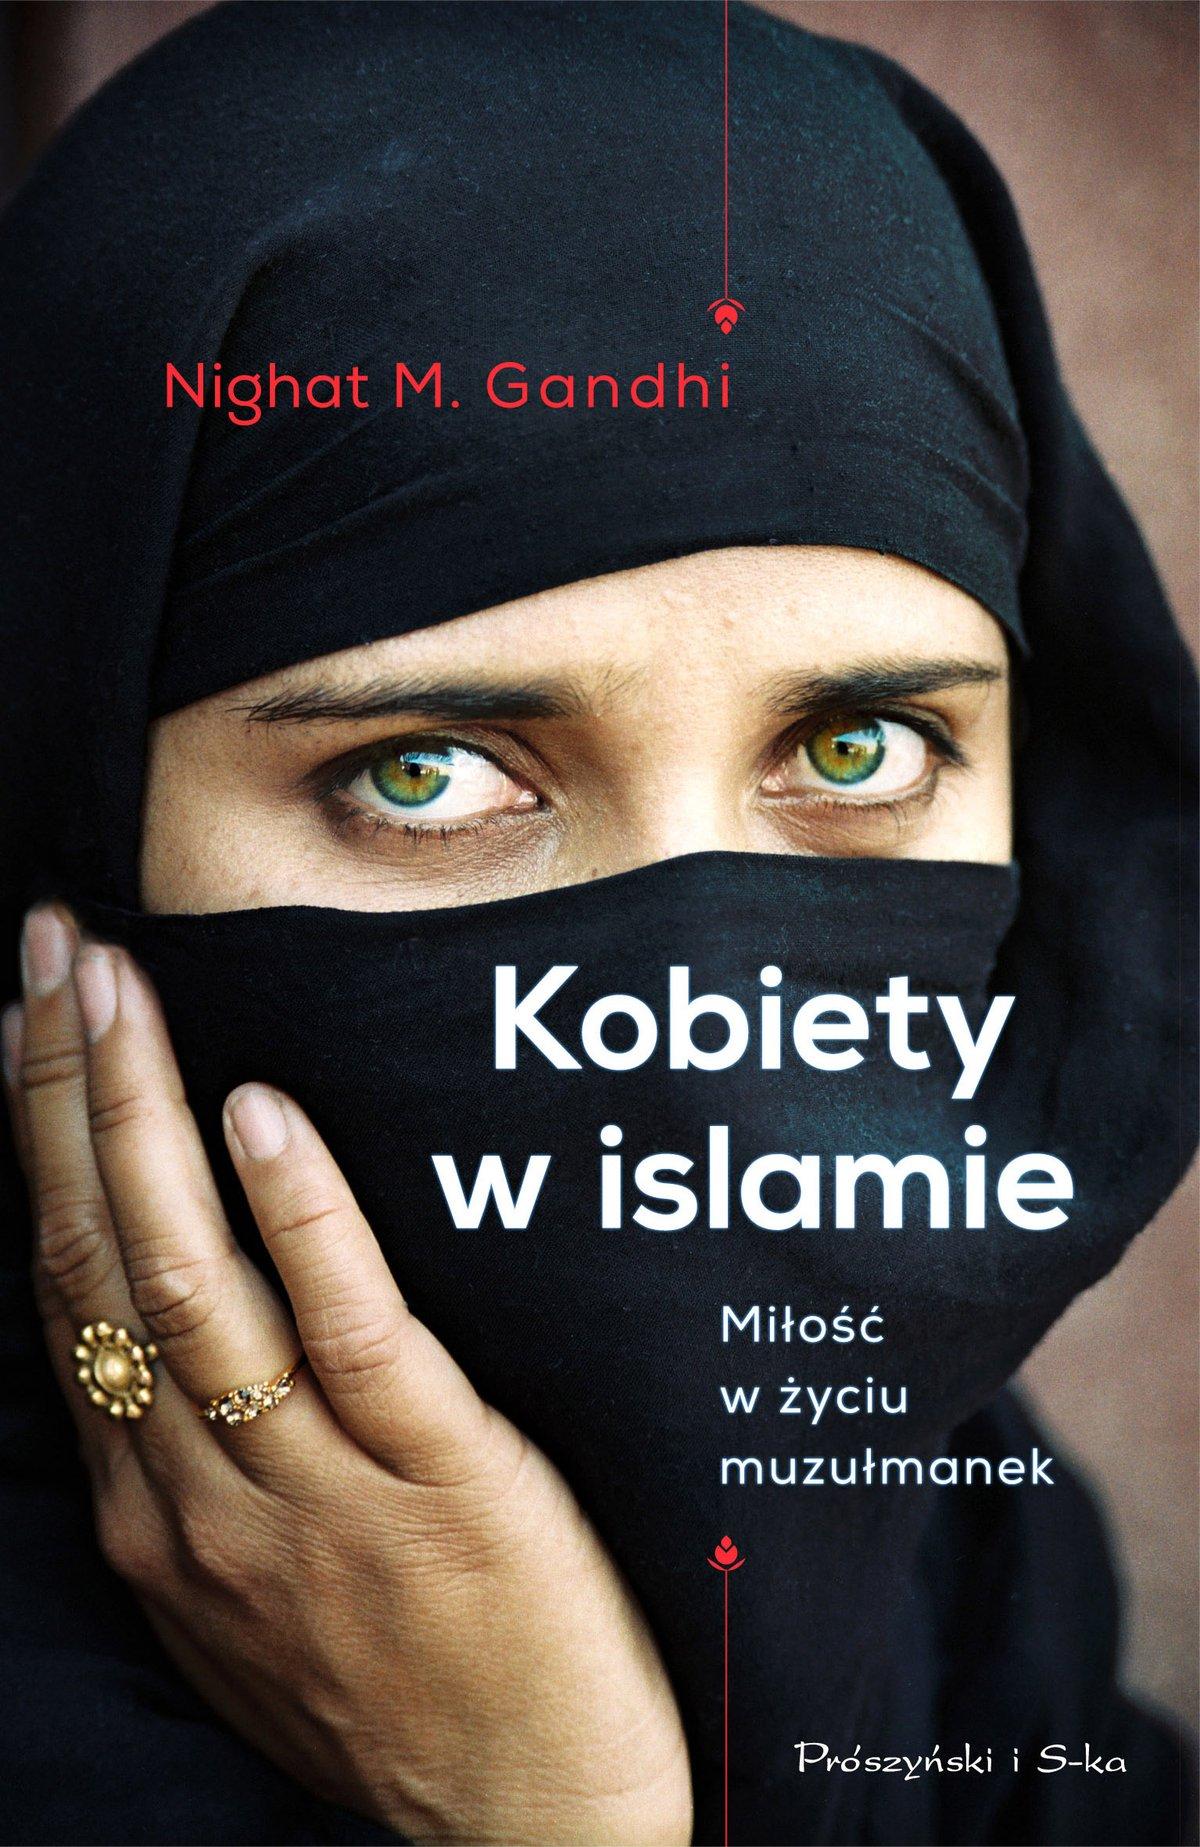 Kobiety w islamie - Ebook (Książka EPUB) do pobrania w formacie EPUB